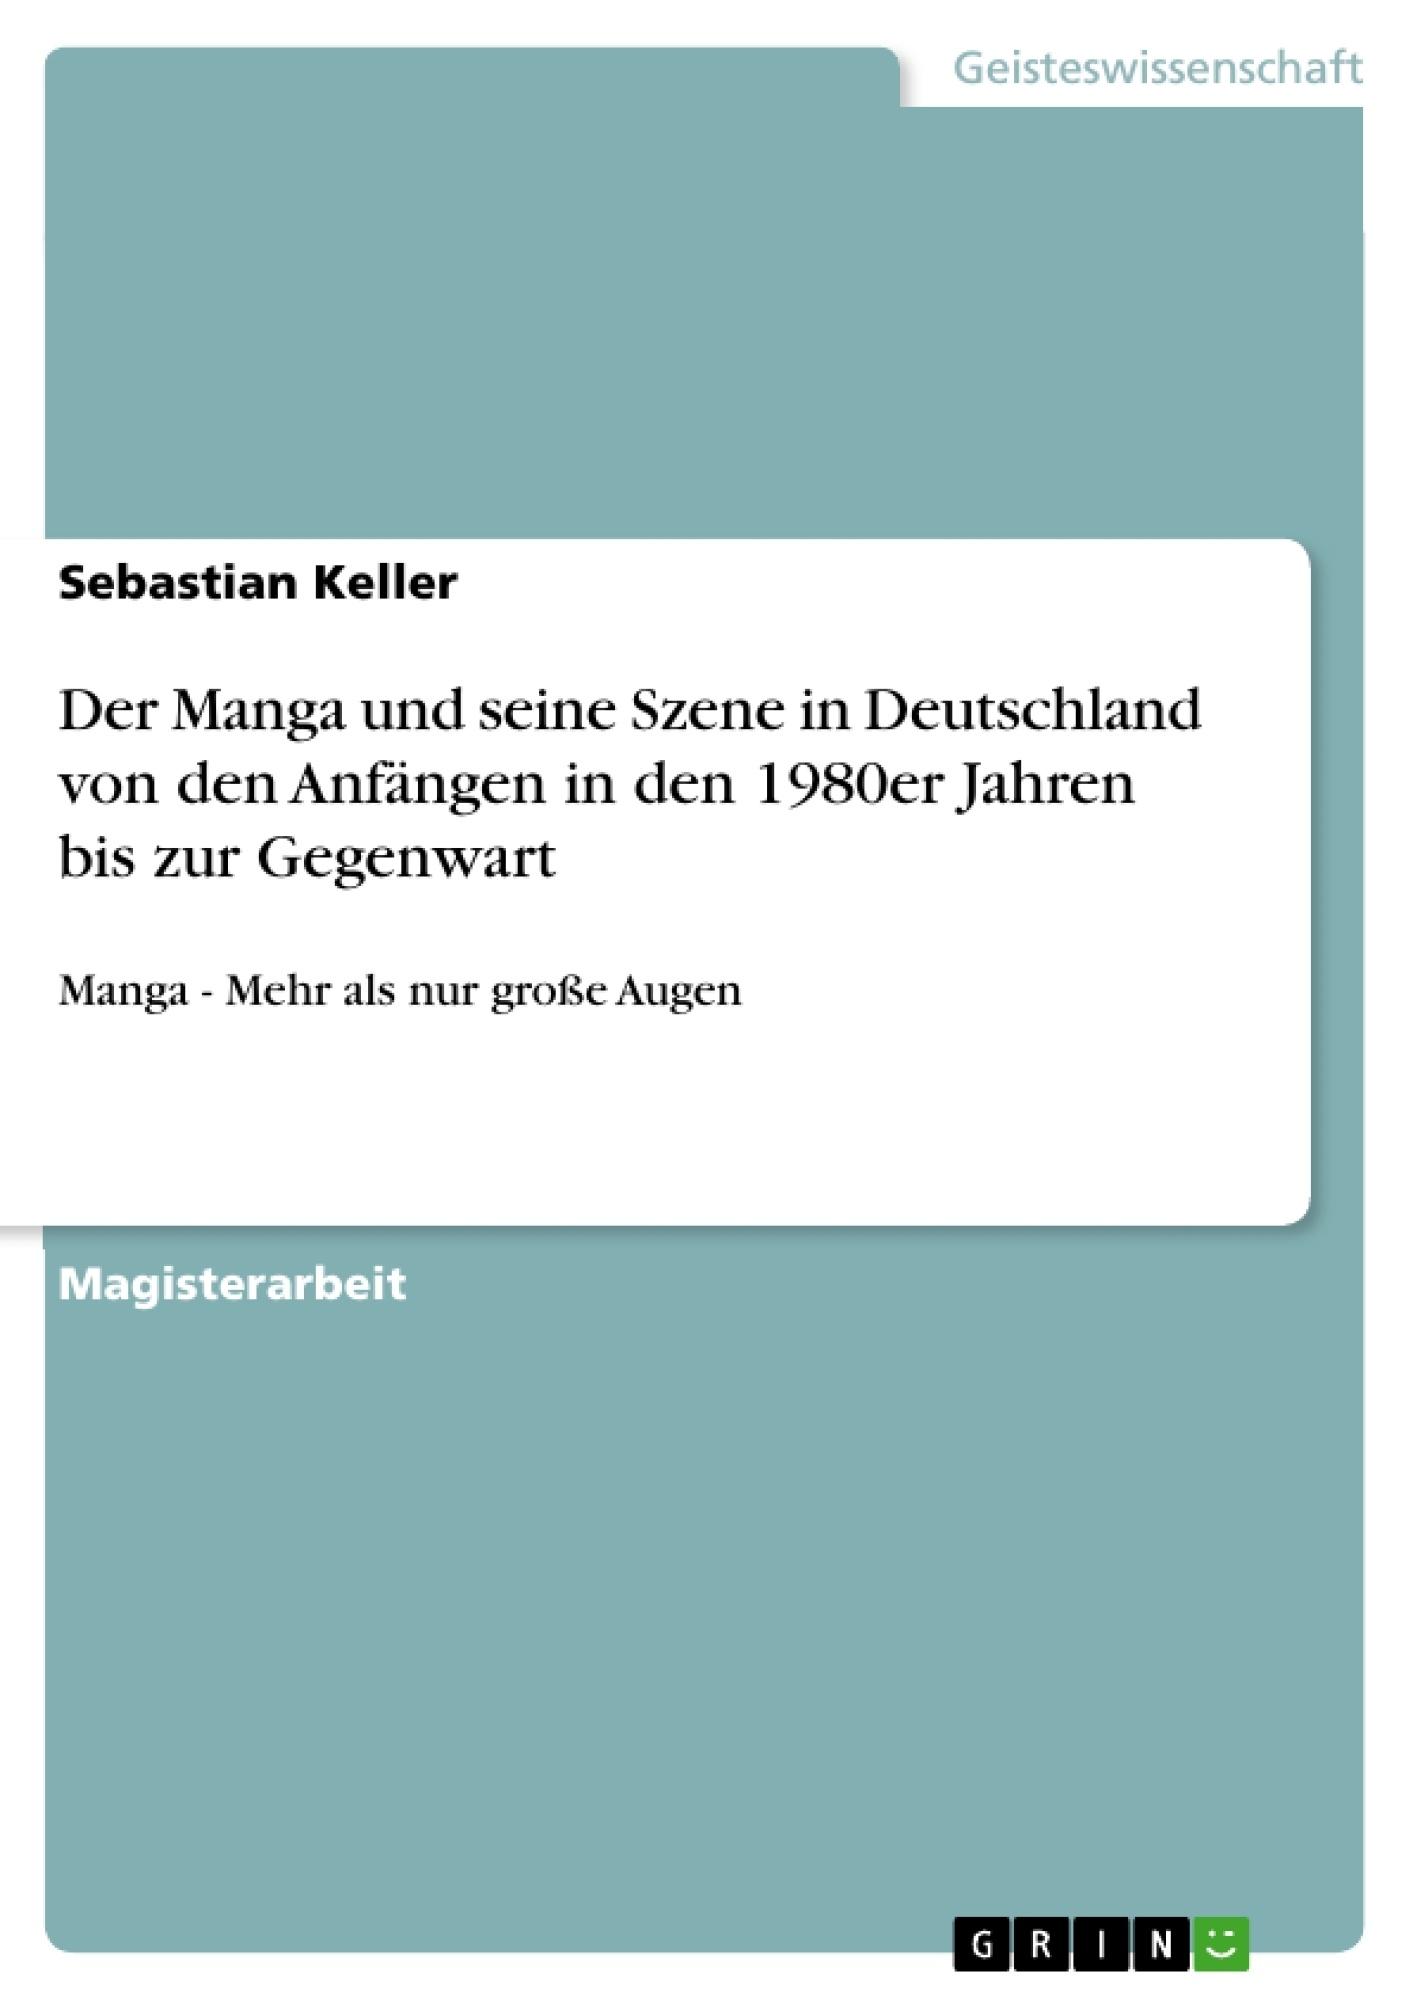 Titel: Der Manga und seine Szene in Deutschland von den Anfängen in den 1980er Jahren bis zur Gegenwart